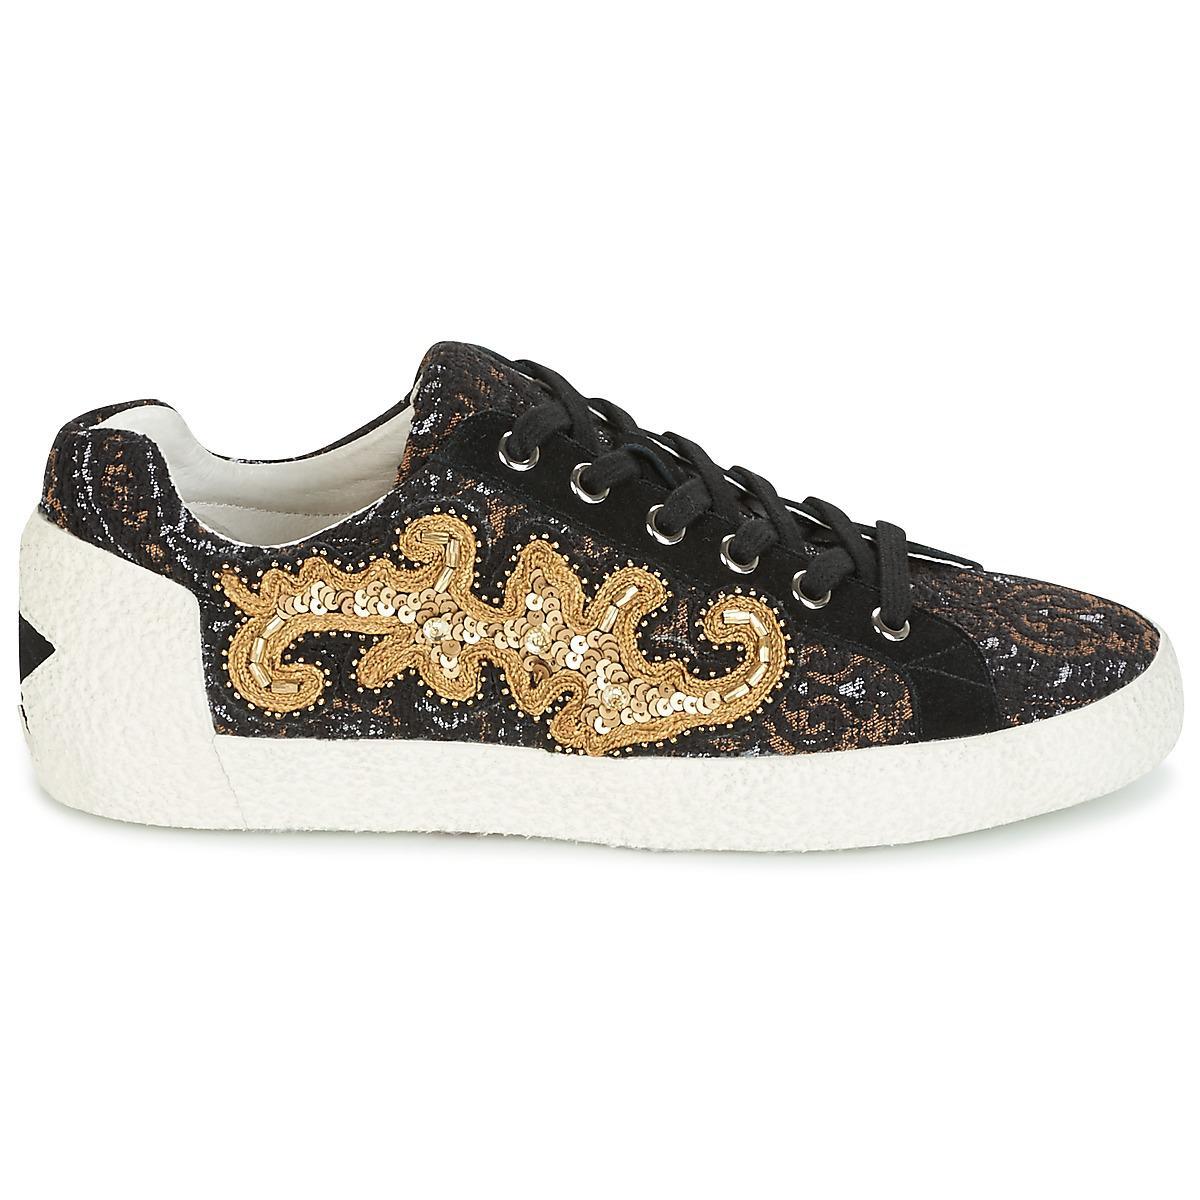 ca87ef5c8436c9 Lyst - NYMPHEA femmes Chaussures en Noir Ash en coloris Noir